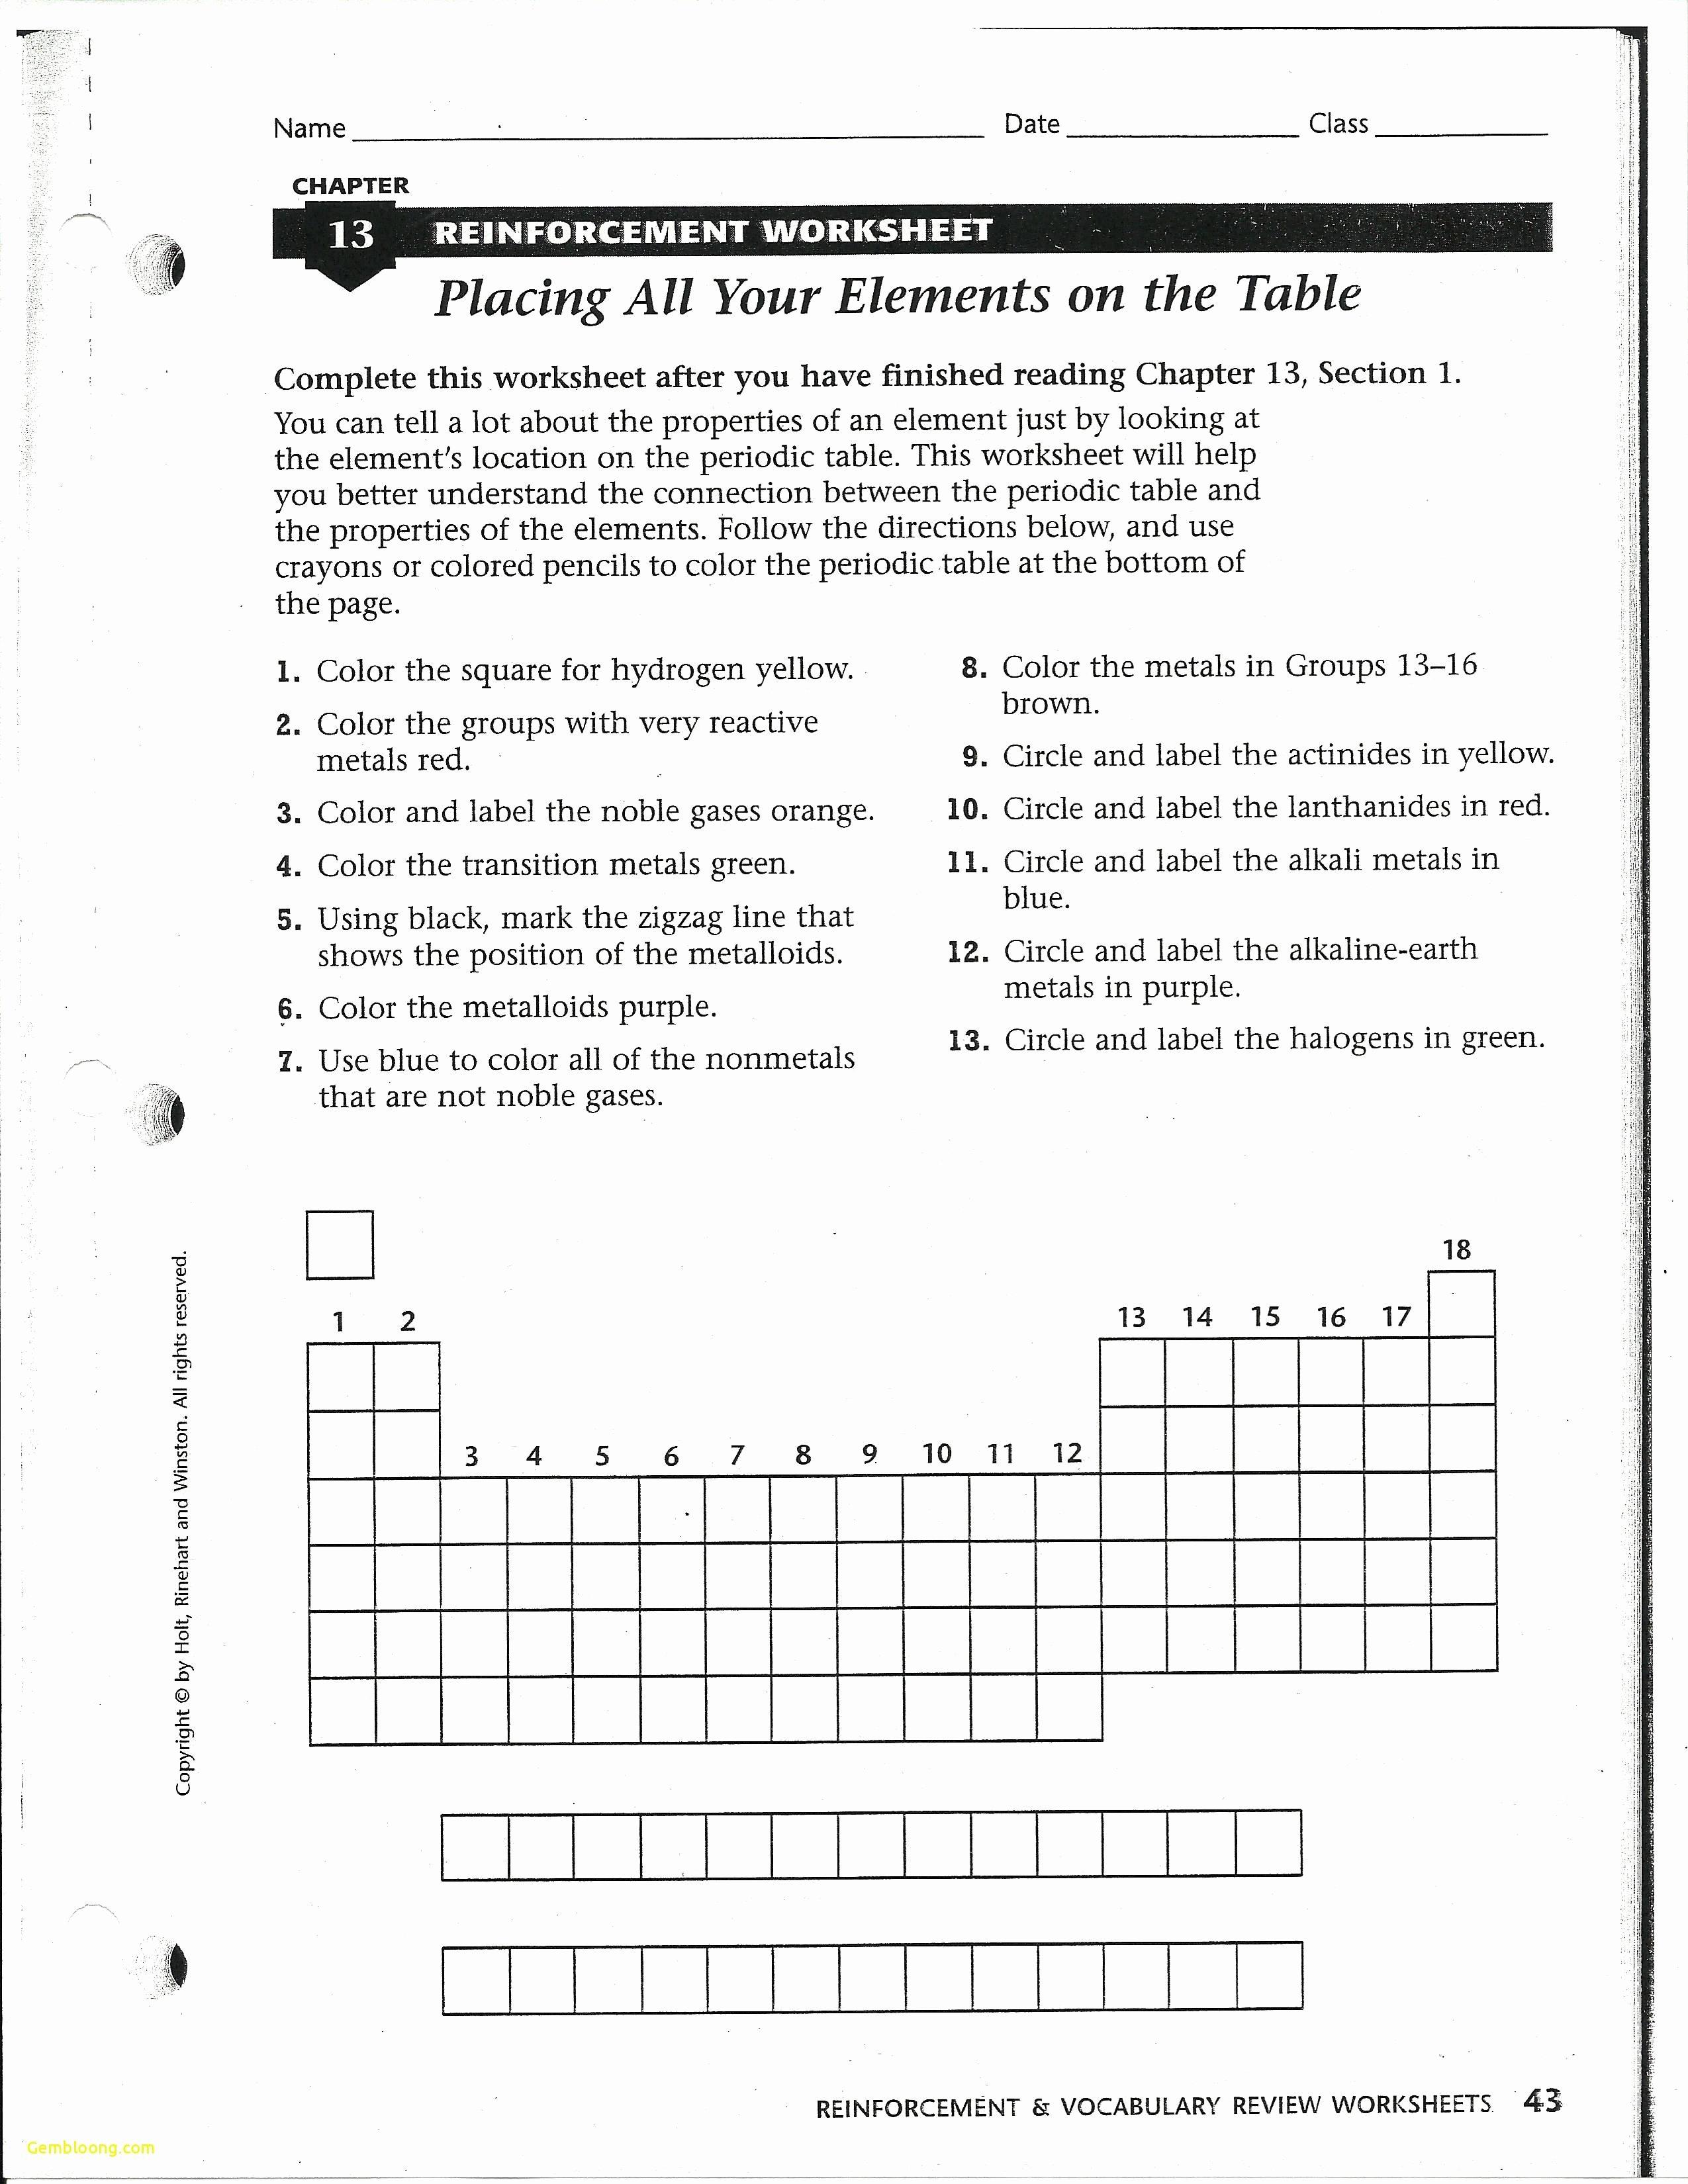 Average atomic Mass Worksheet Answers Best Of Average atomic Mass Worksheet Show All Work Answer Key